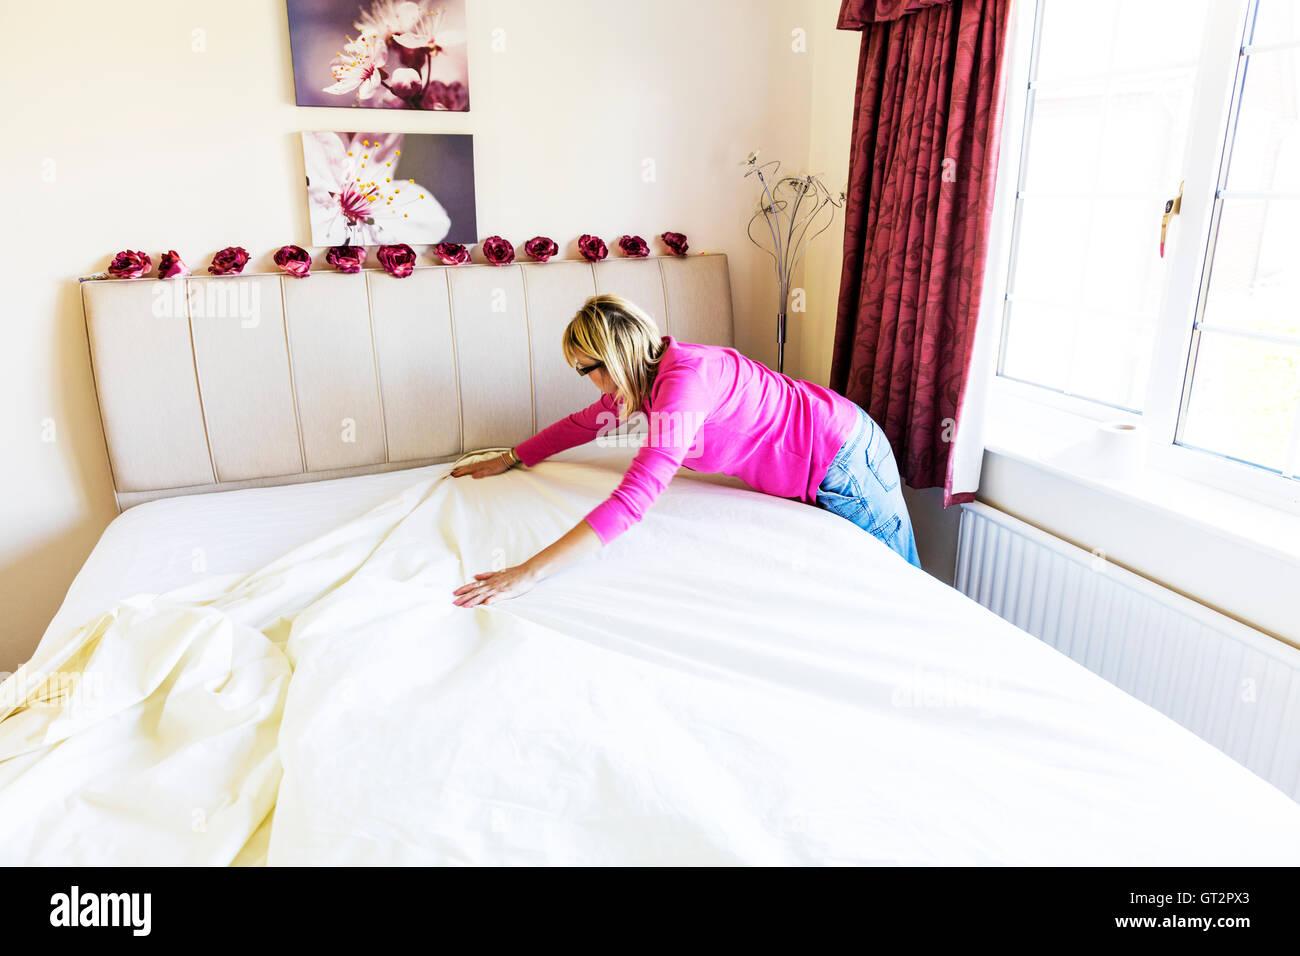 Fare il letto facendo lastre piane levigatura liscia lenzuola donna lady faccende facendo lavori di casa Immagini Stock